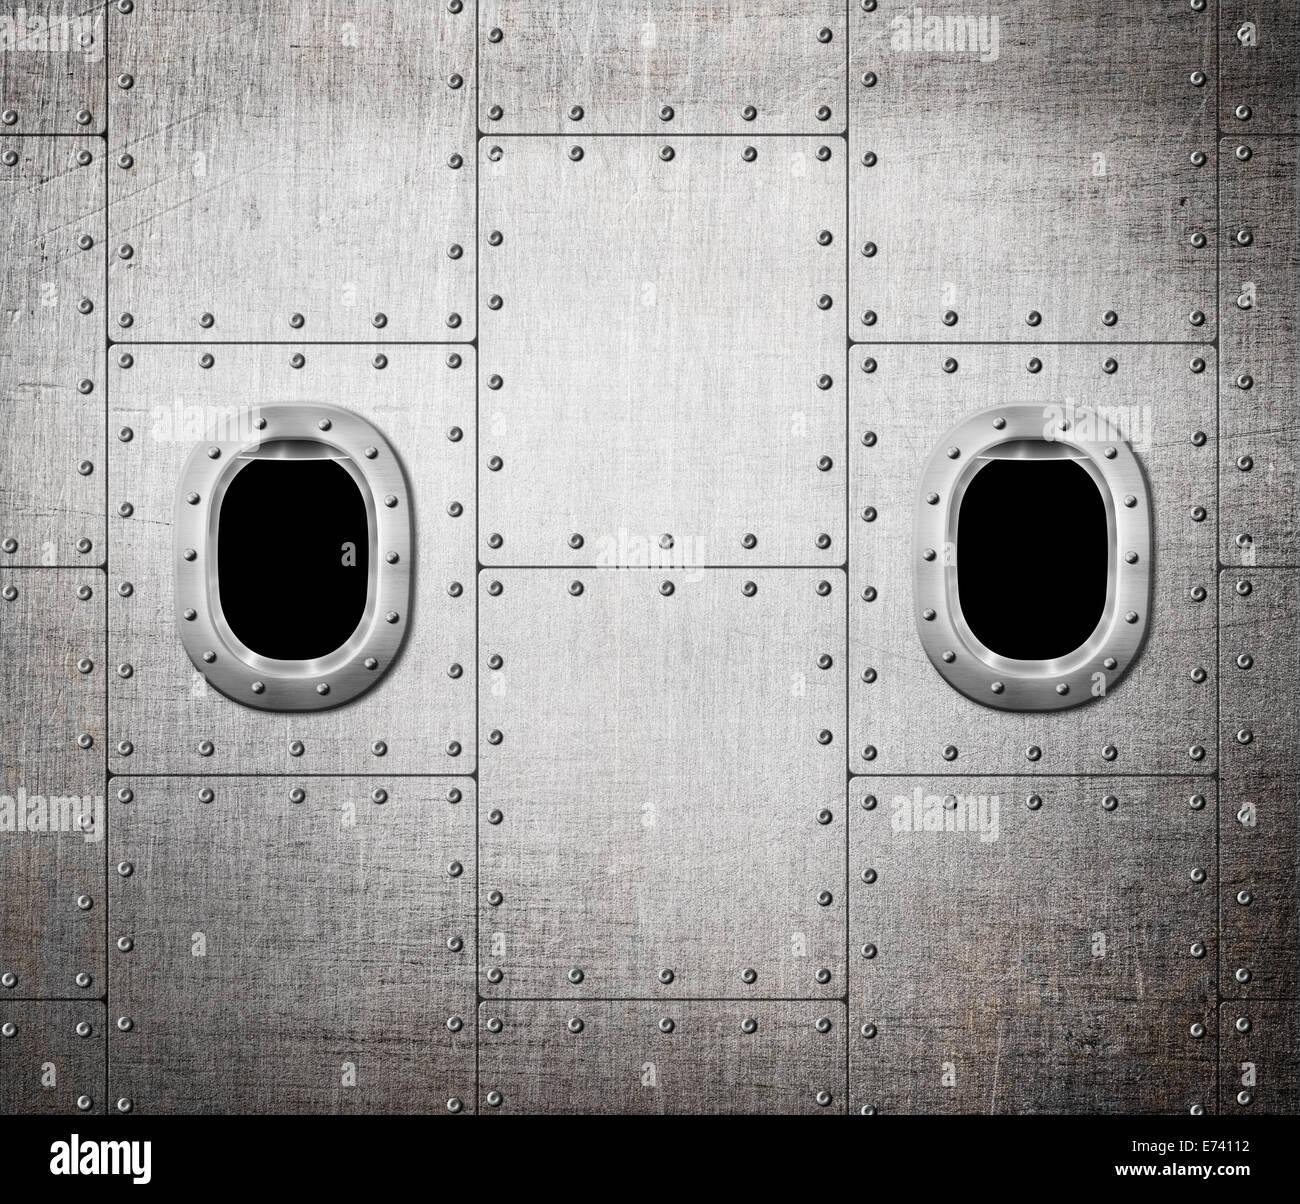 Buque o submarino ventana fondo de metal Imagen De Stock